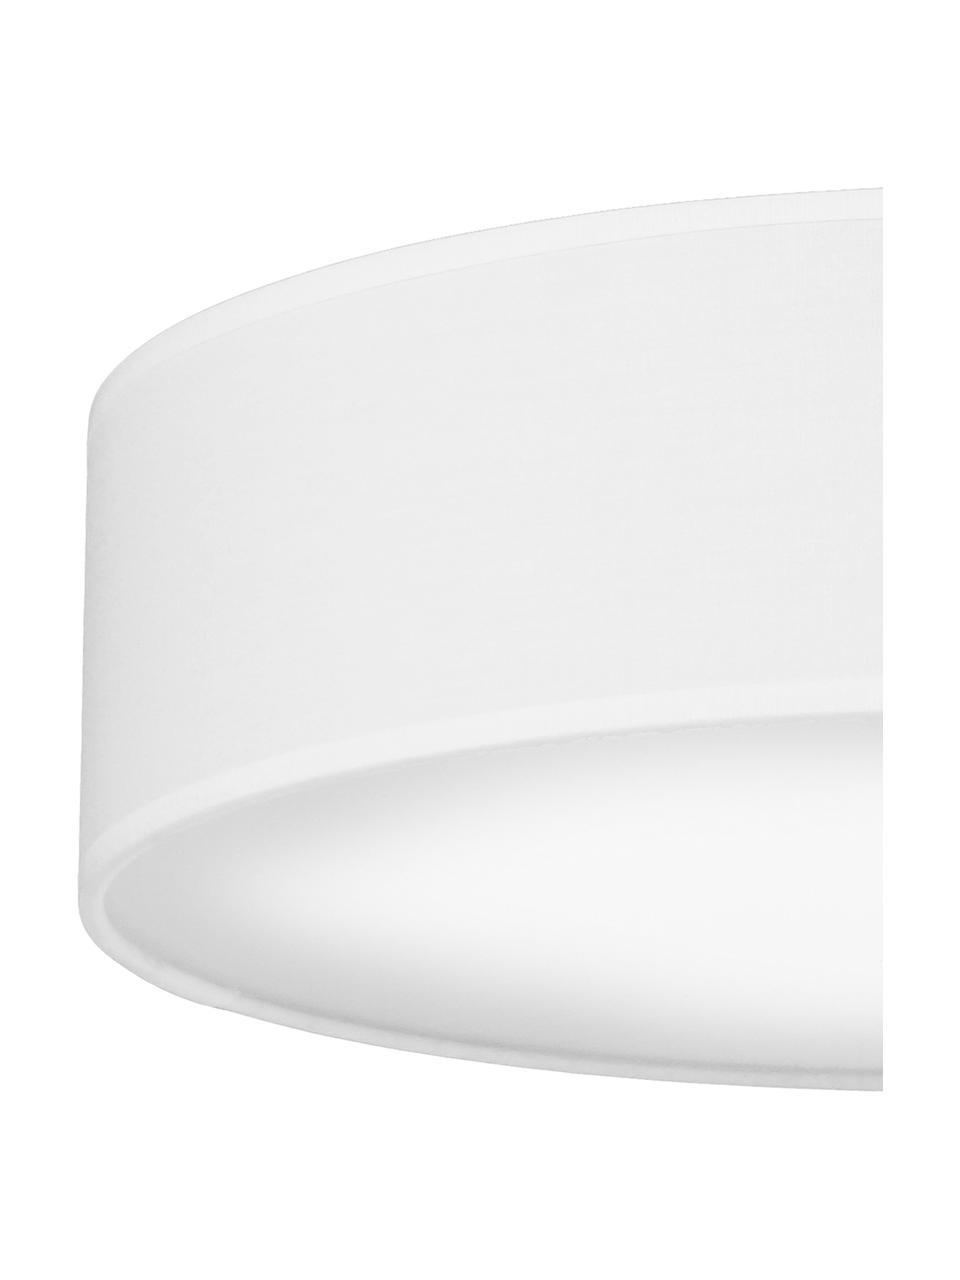 Plafoniera fatta a mano Mika, Paralume: cotone, Disco diffusore: materiale sintetico, Bianco, Ø 40 x Alt. 10 cm